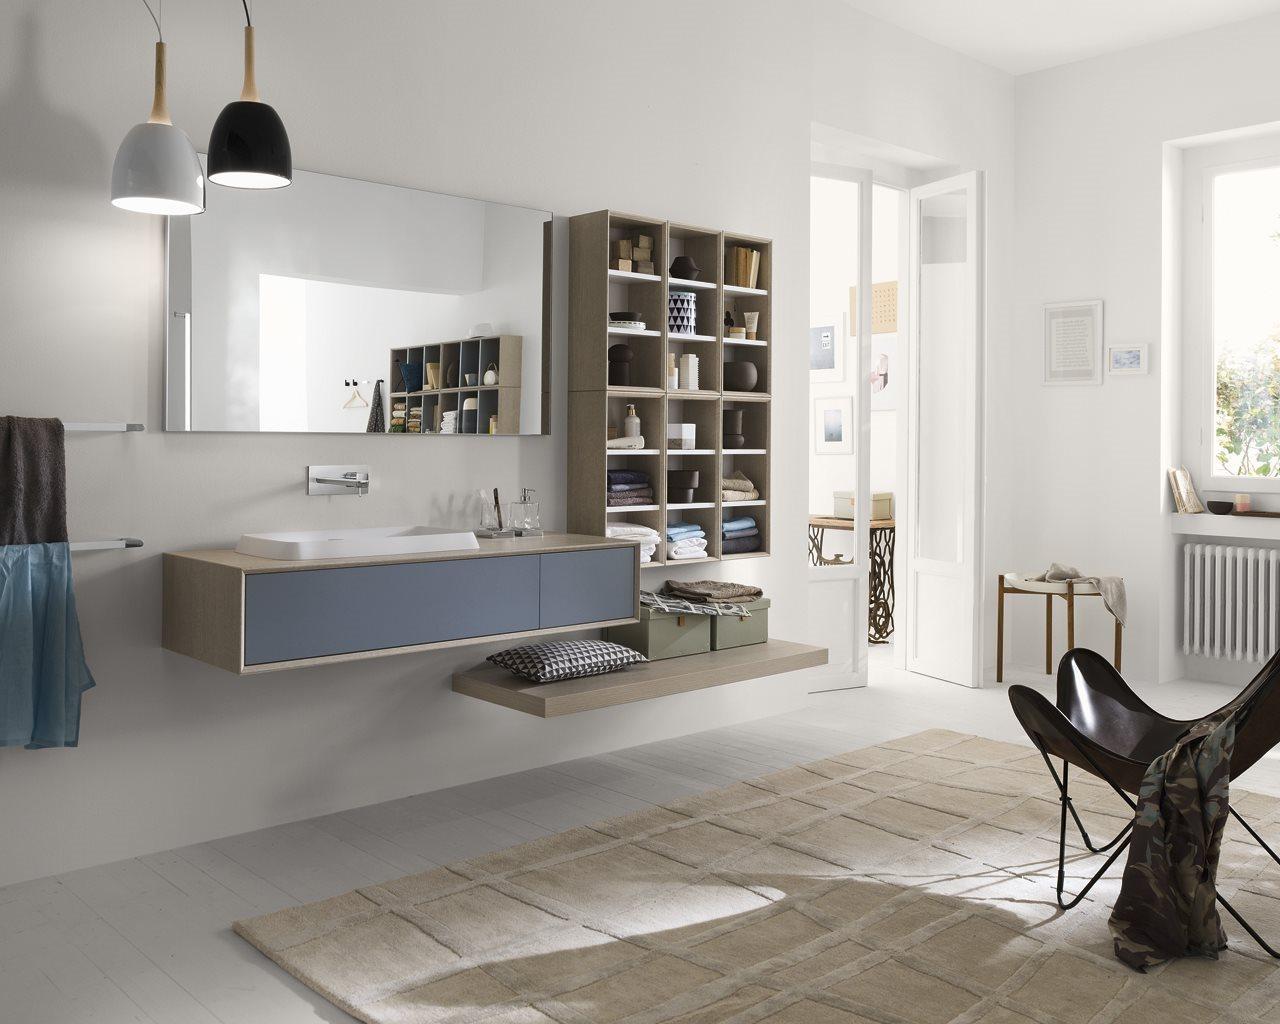 bagni moderni | mobili bagno | accessori bagno | Lissone